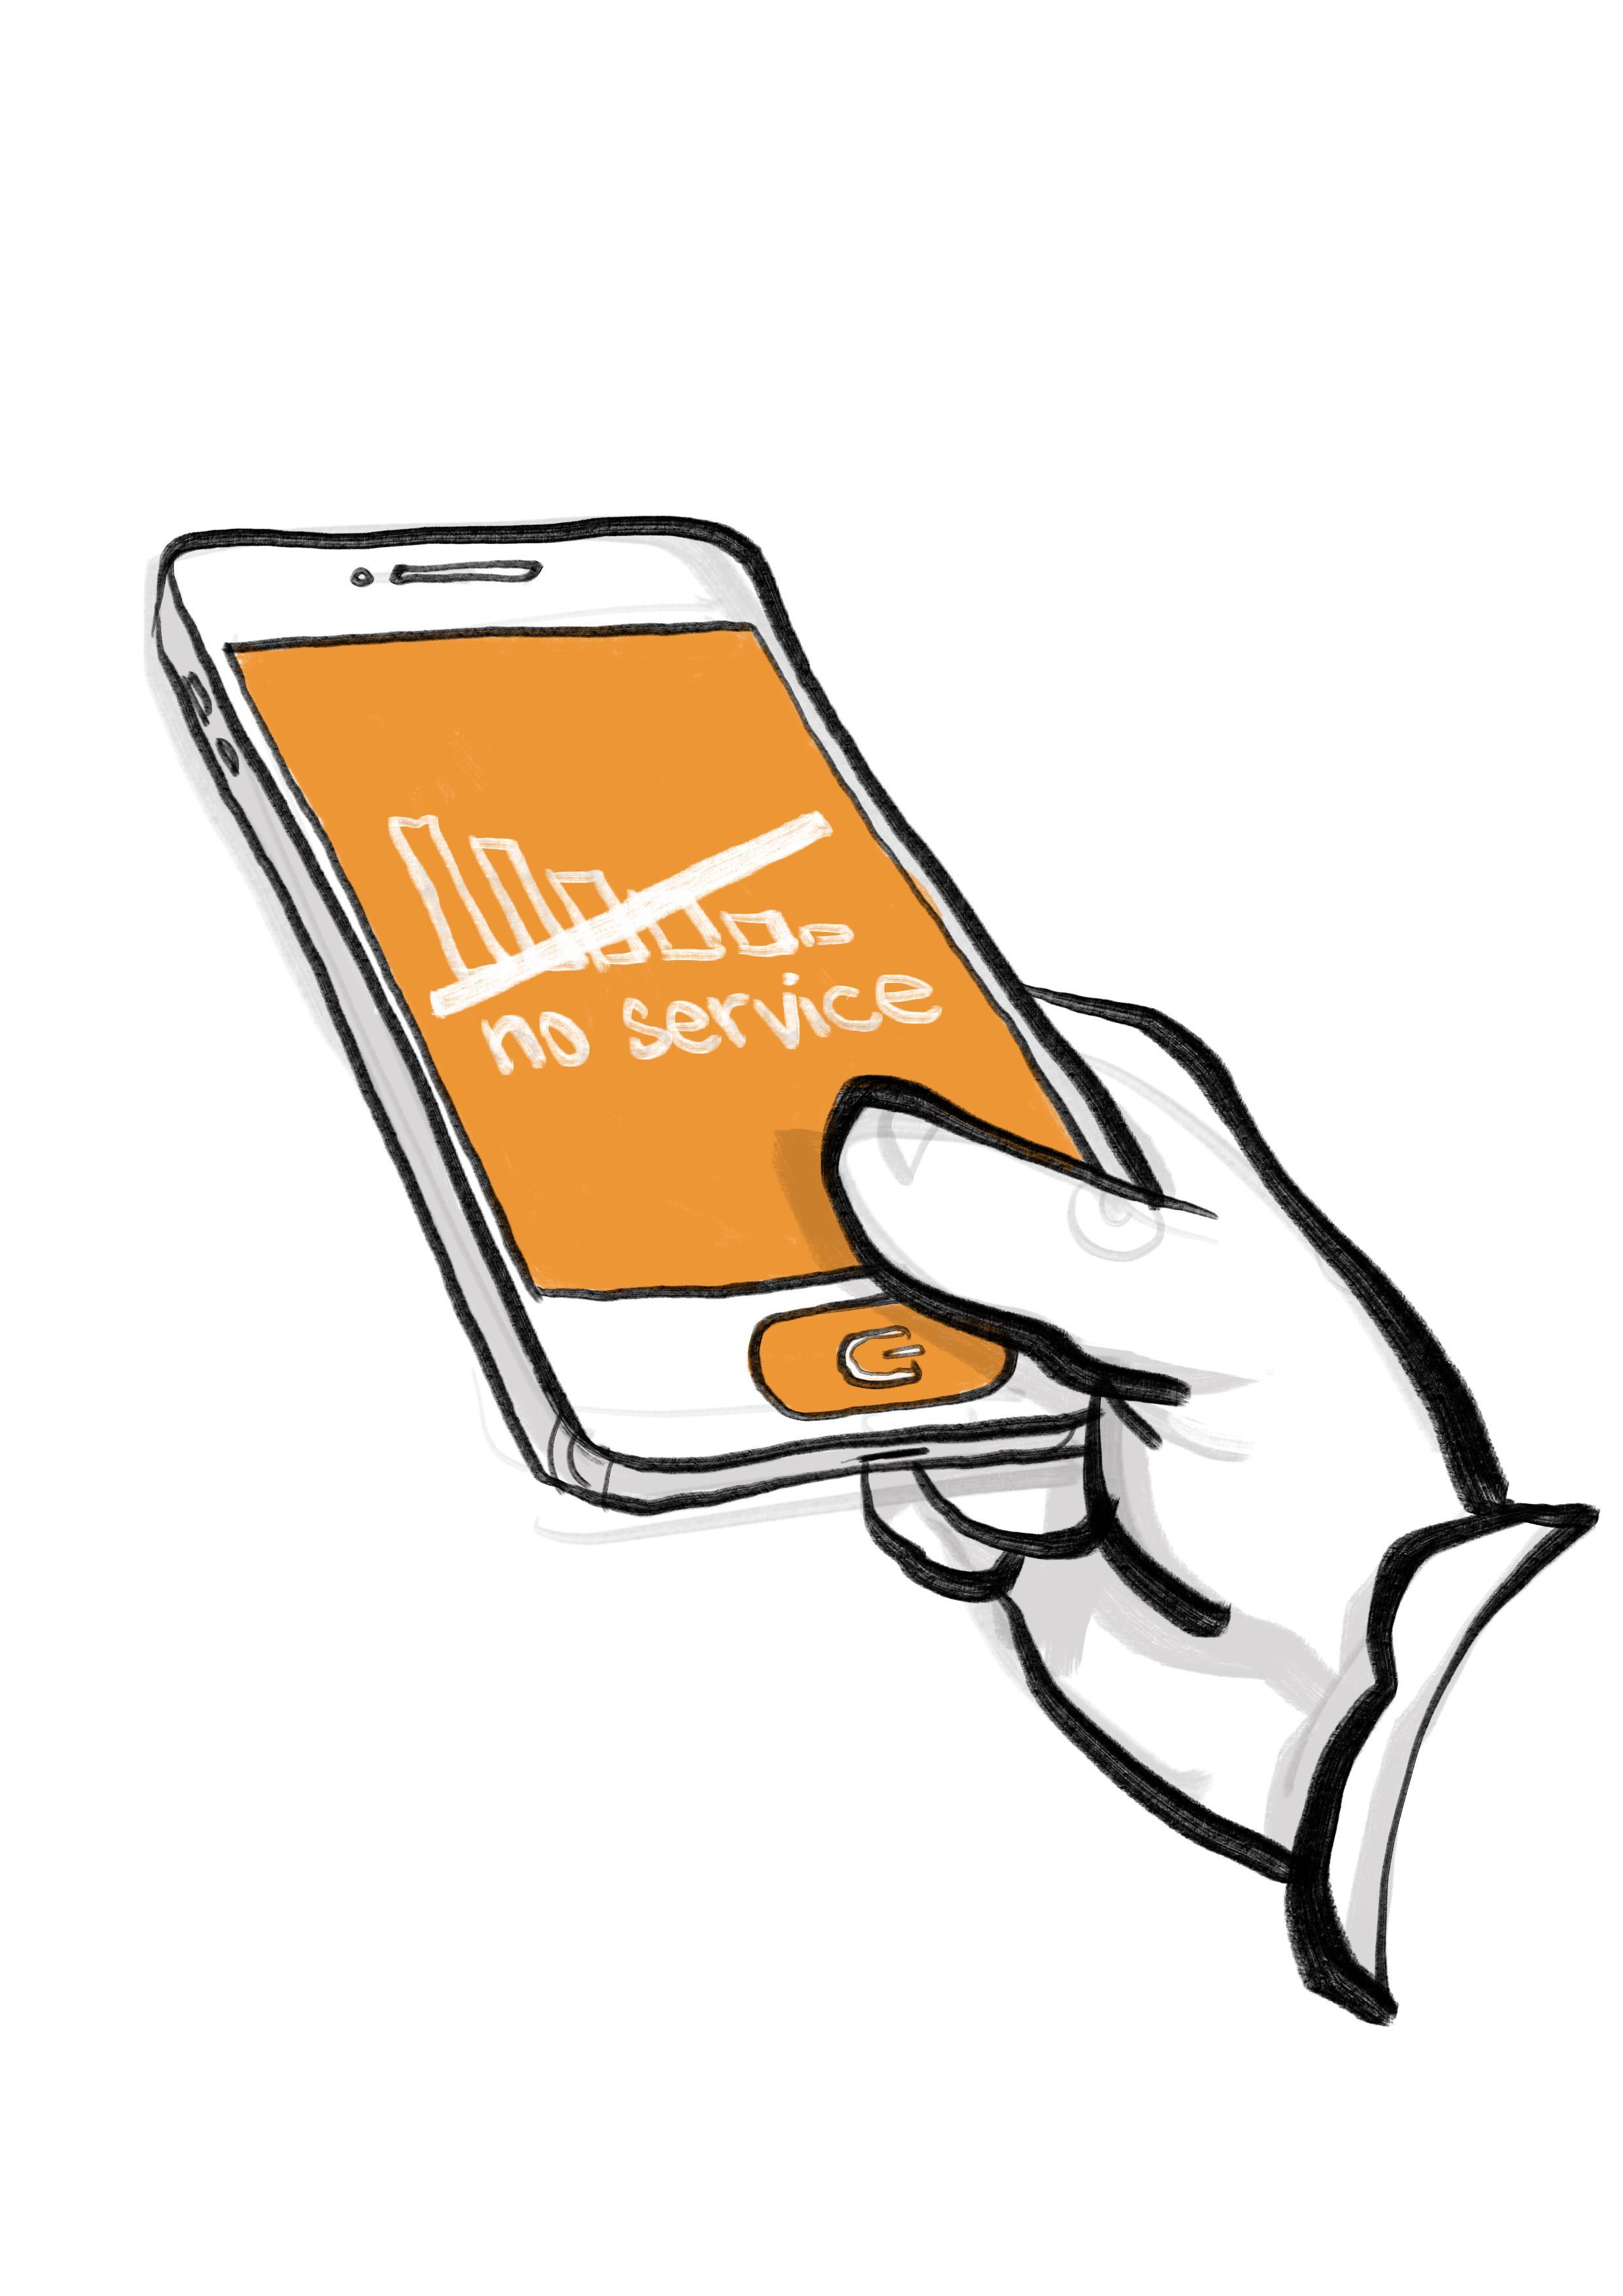 K6-S122_BIBER-Kognition-Smartphone